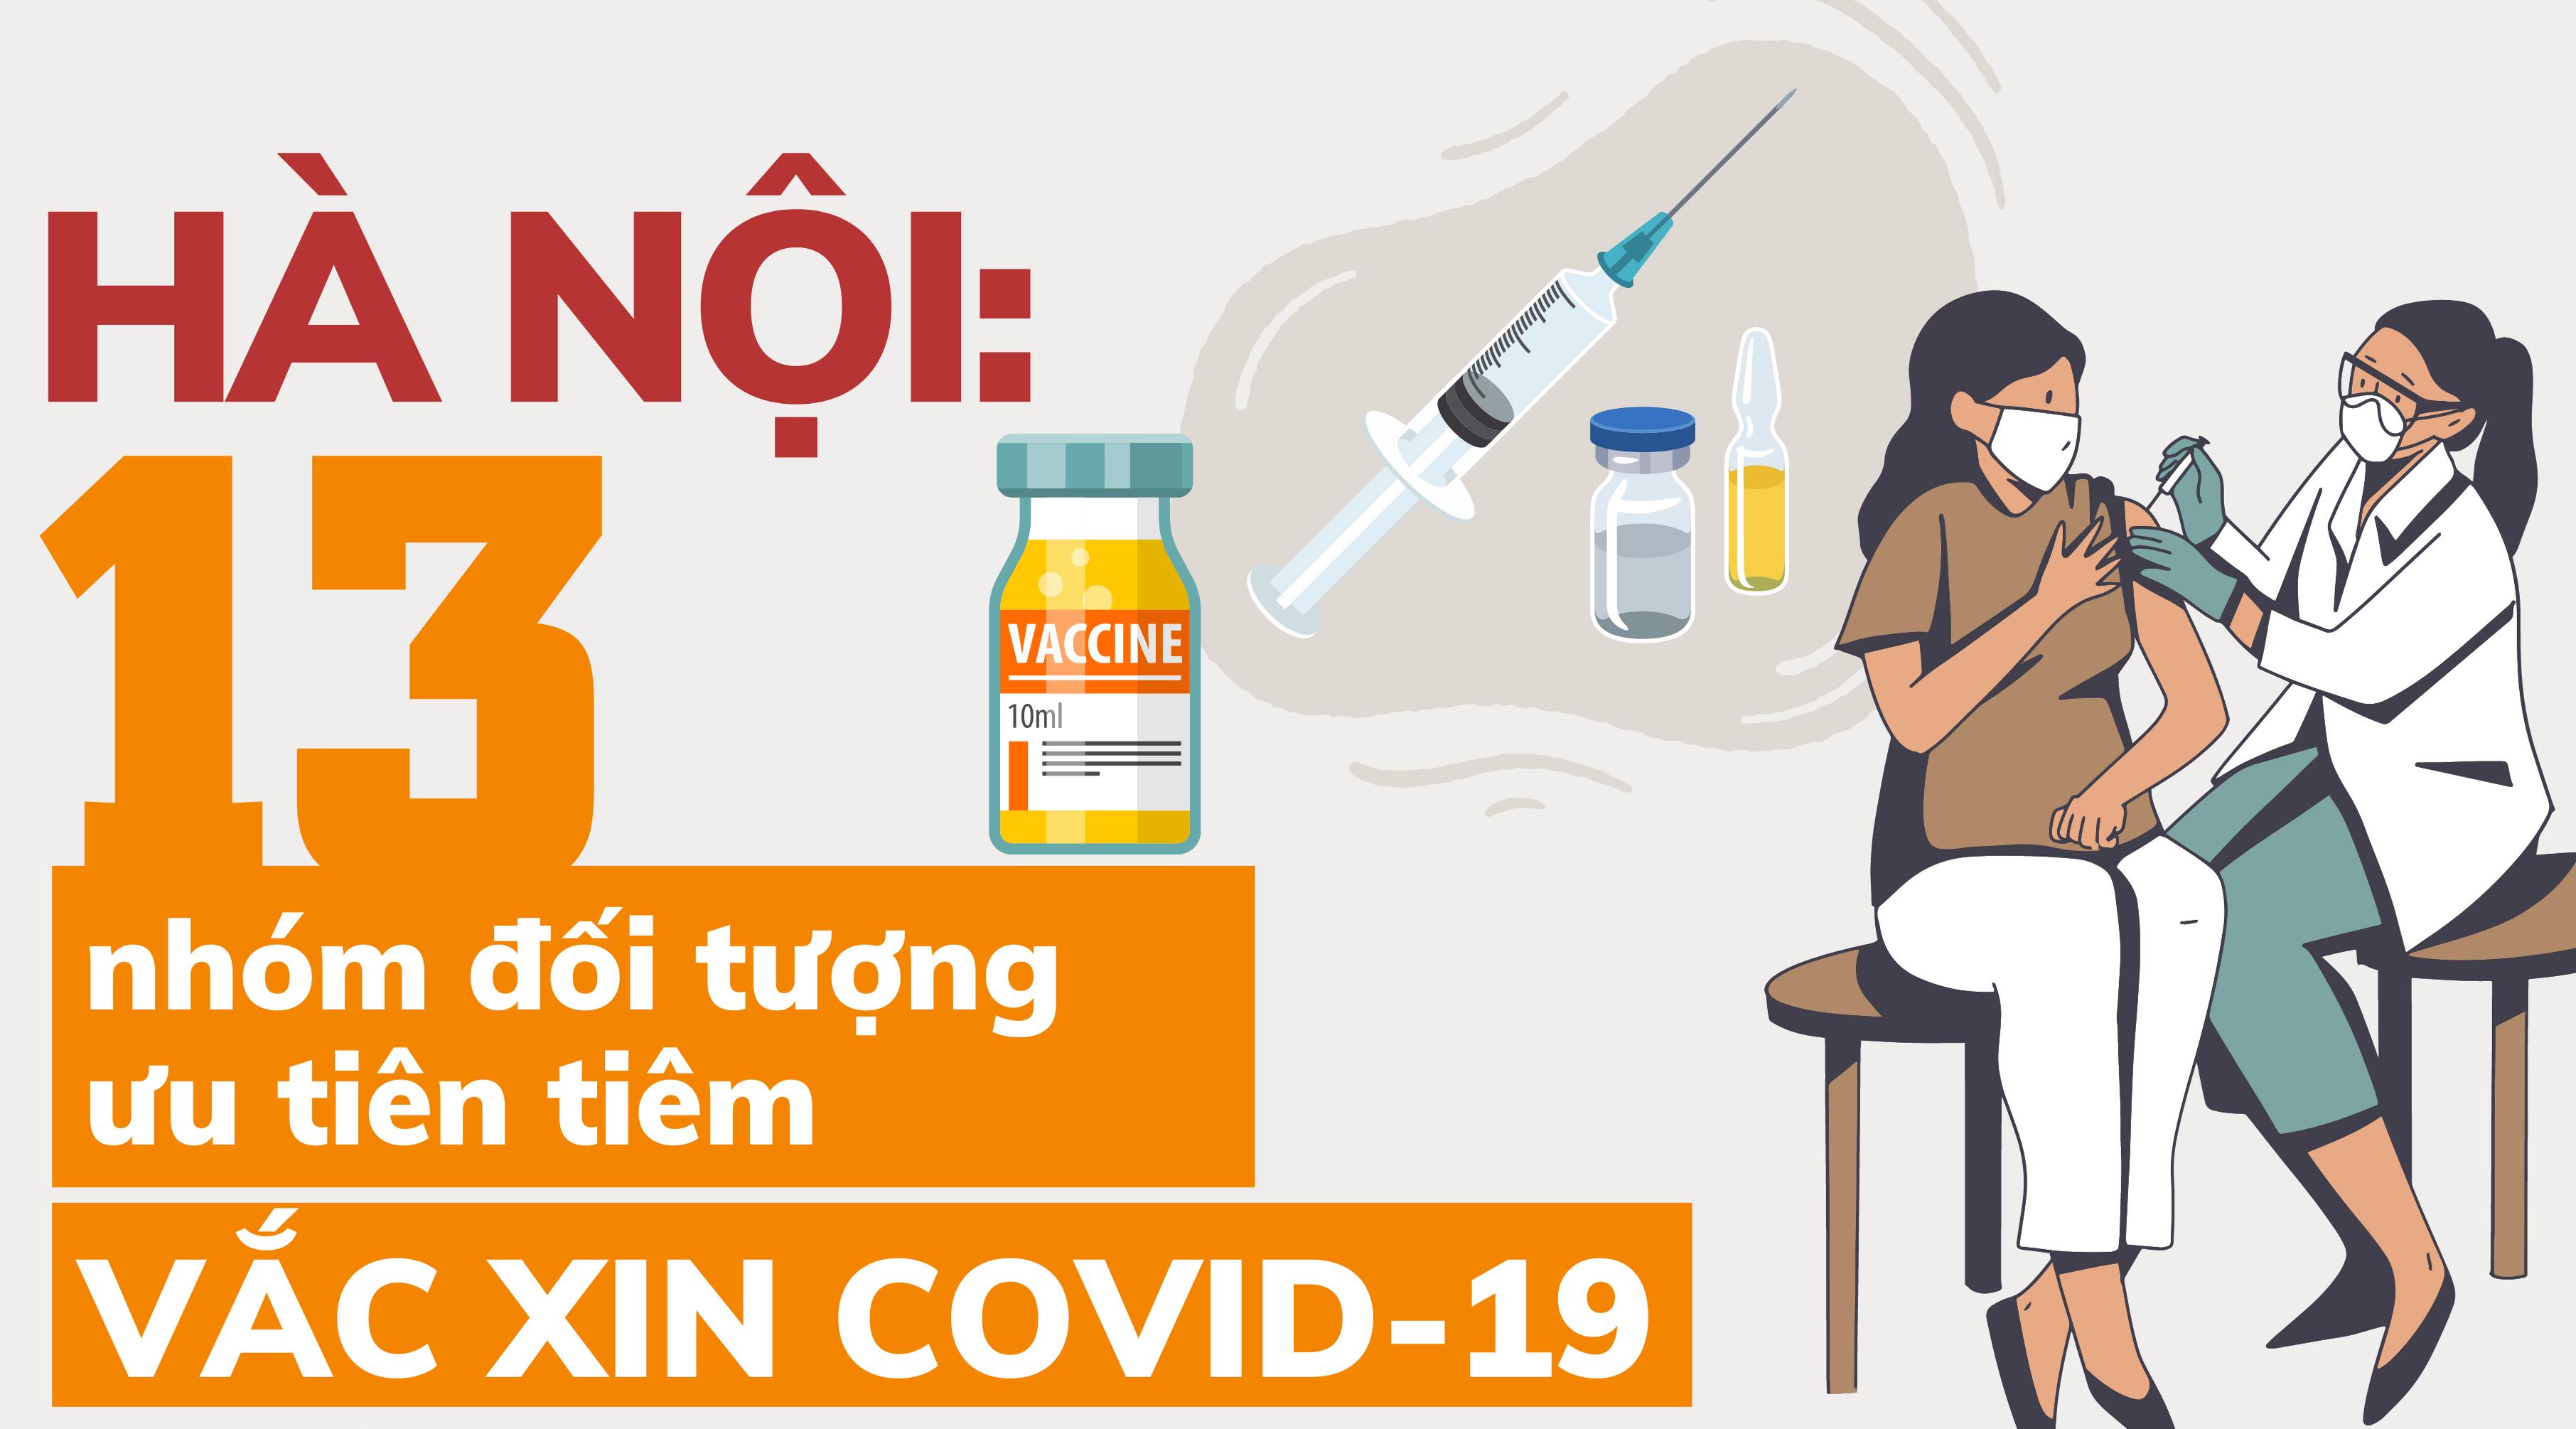 [Infographic] Hà Nội: 13 nhóm đối tượng được ưu tiên tiêm vắc xin Covid-19